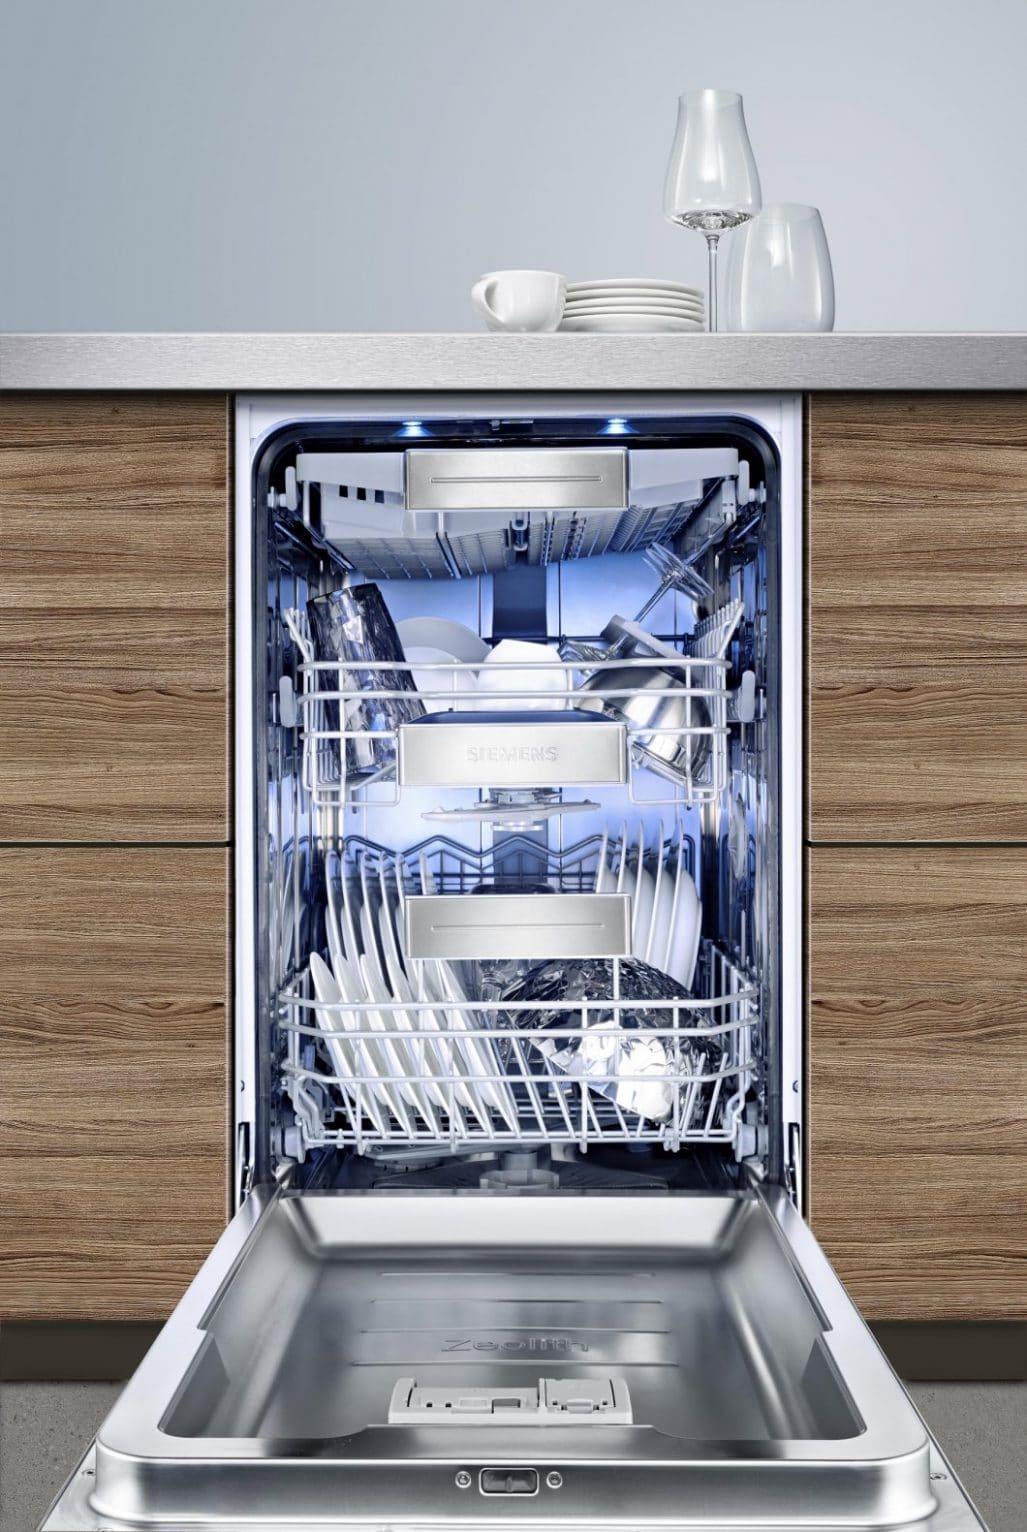 Siemens Geschirrspüler können in der normalen Breite von 60 cm, aber auch in der schmalen Variante von 45 cm Breite erworben werden. In beiden ist die innovative Zeolith®-Airflow-Technologie integriert. (Foto: Siemens Hausgeräte)